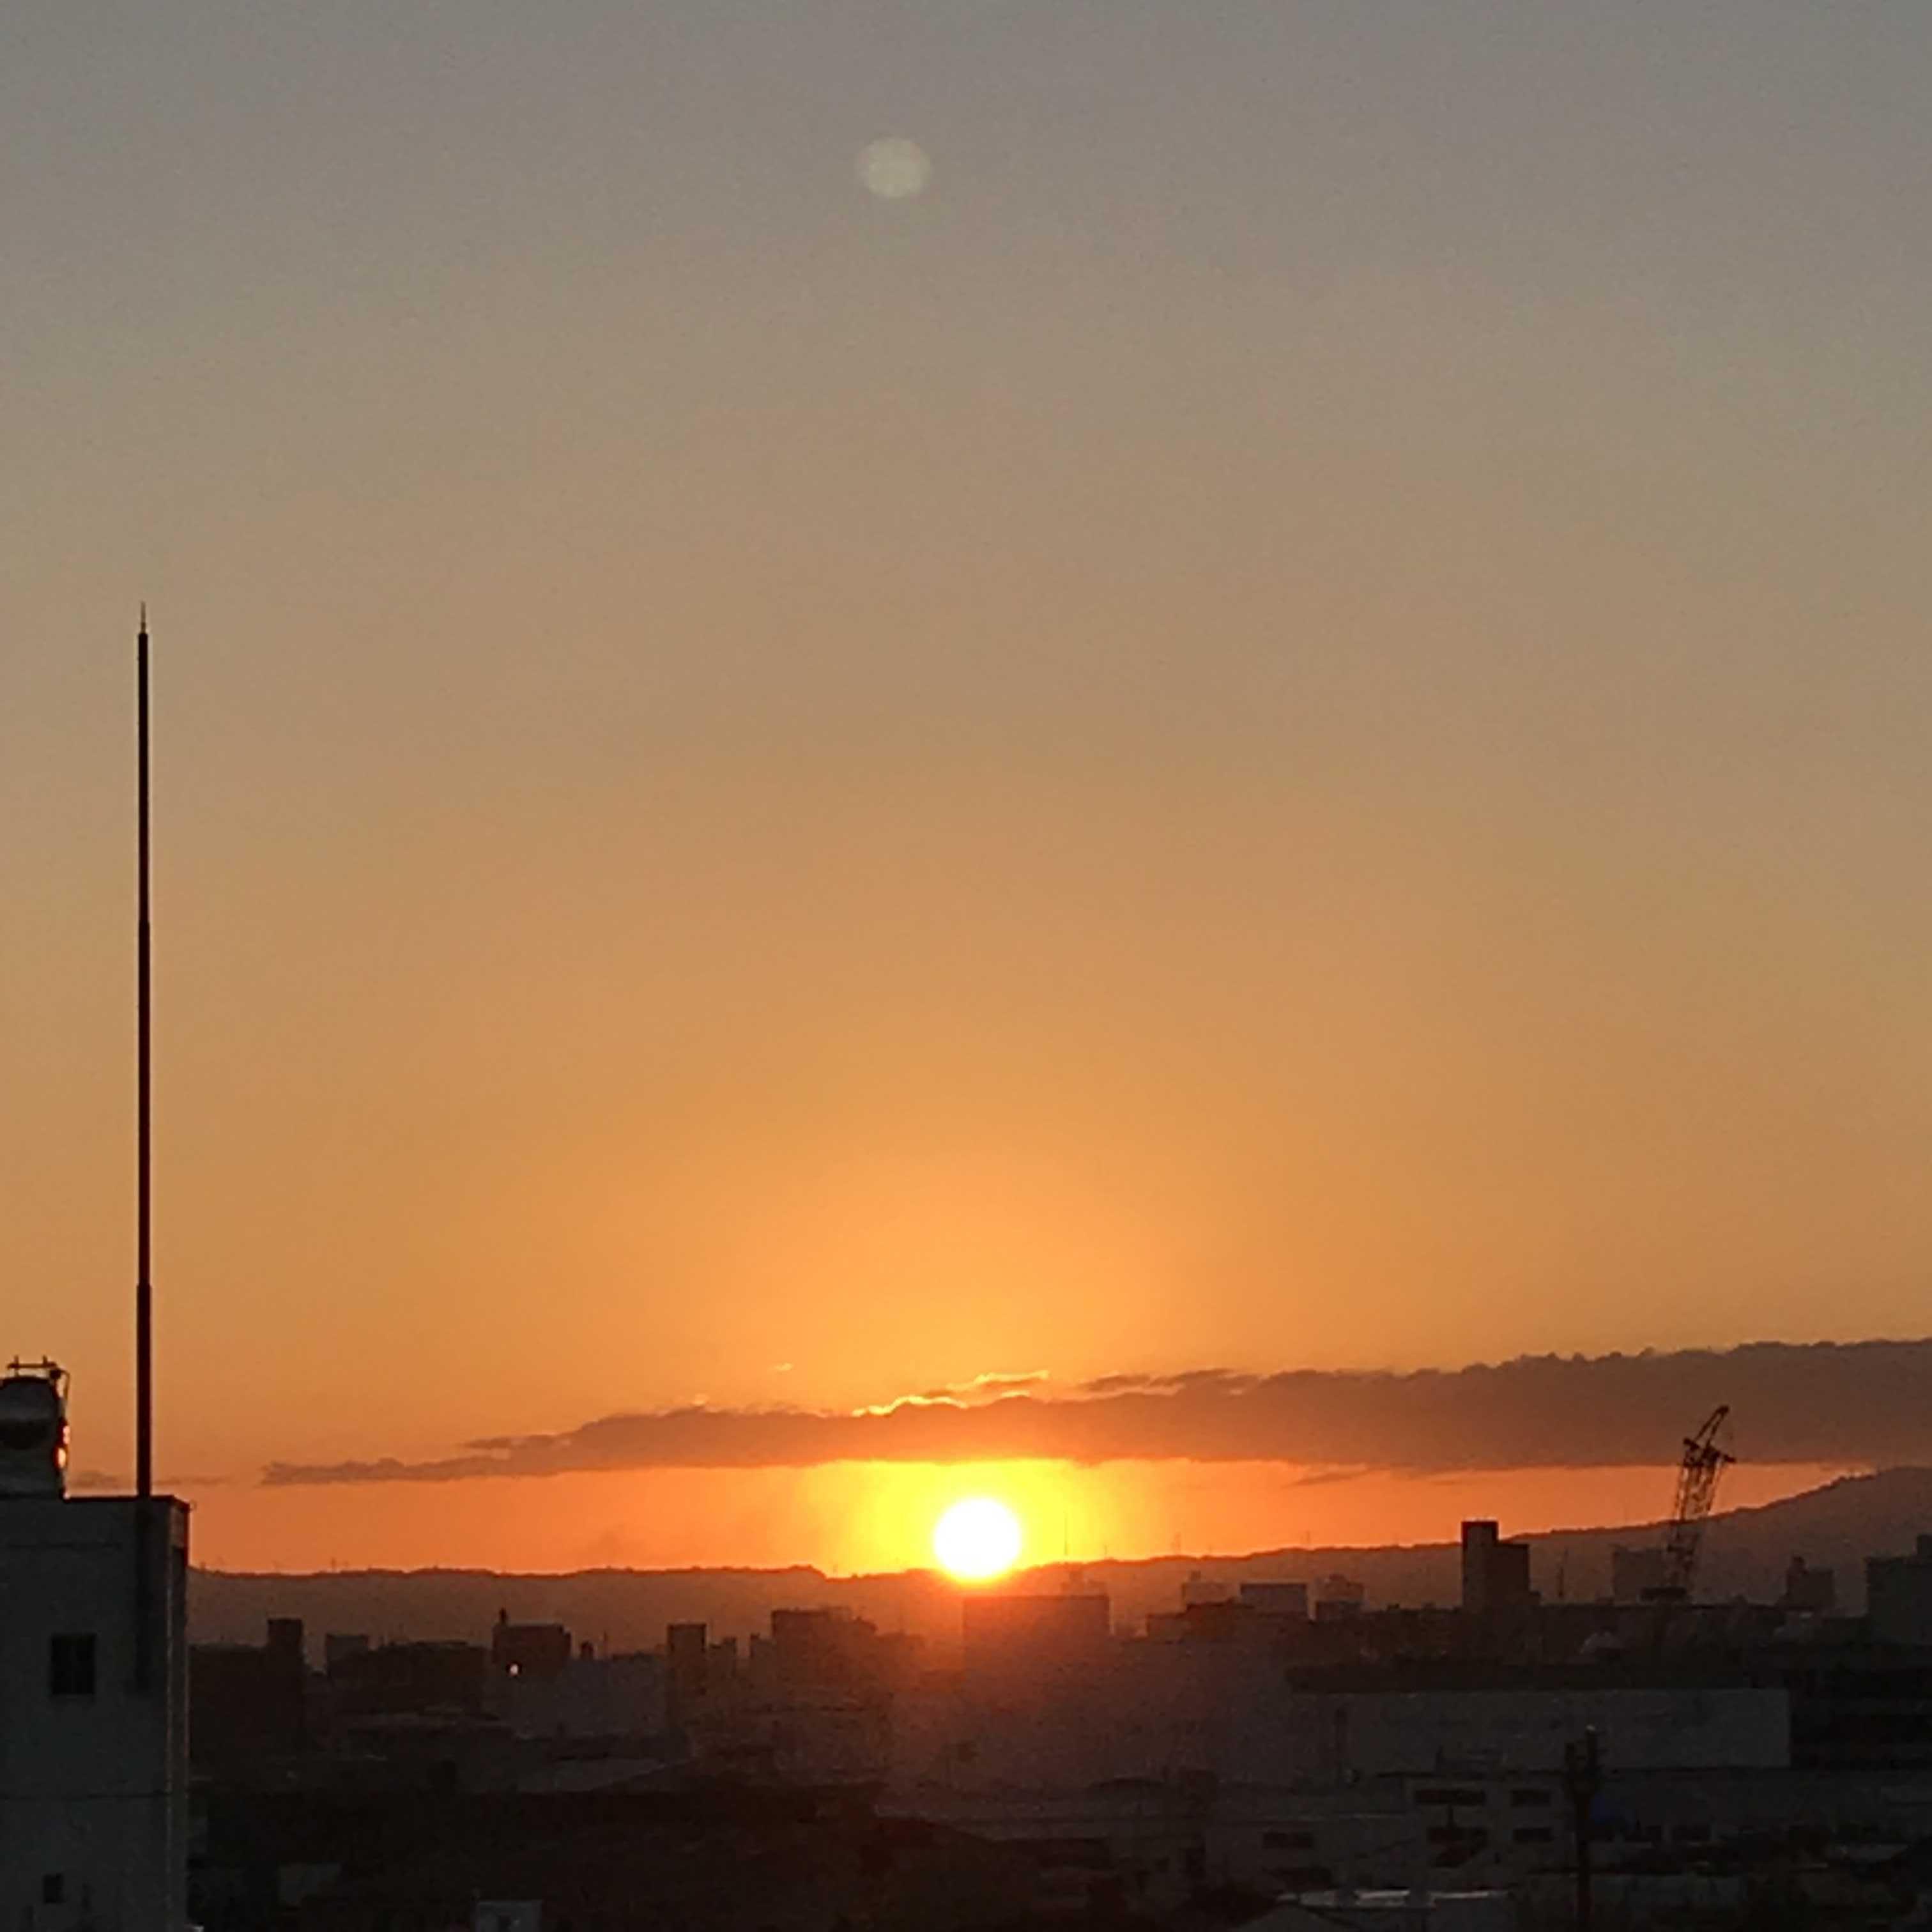 朝のお日様とお月様_f0204295_09074390.jpg